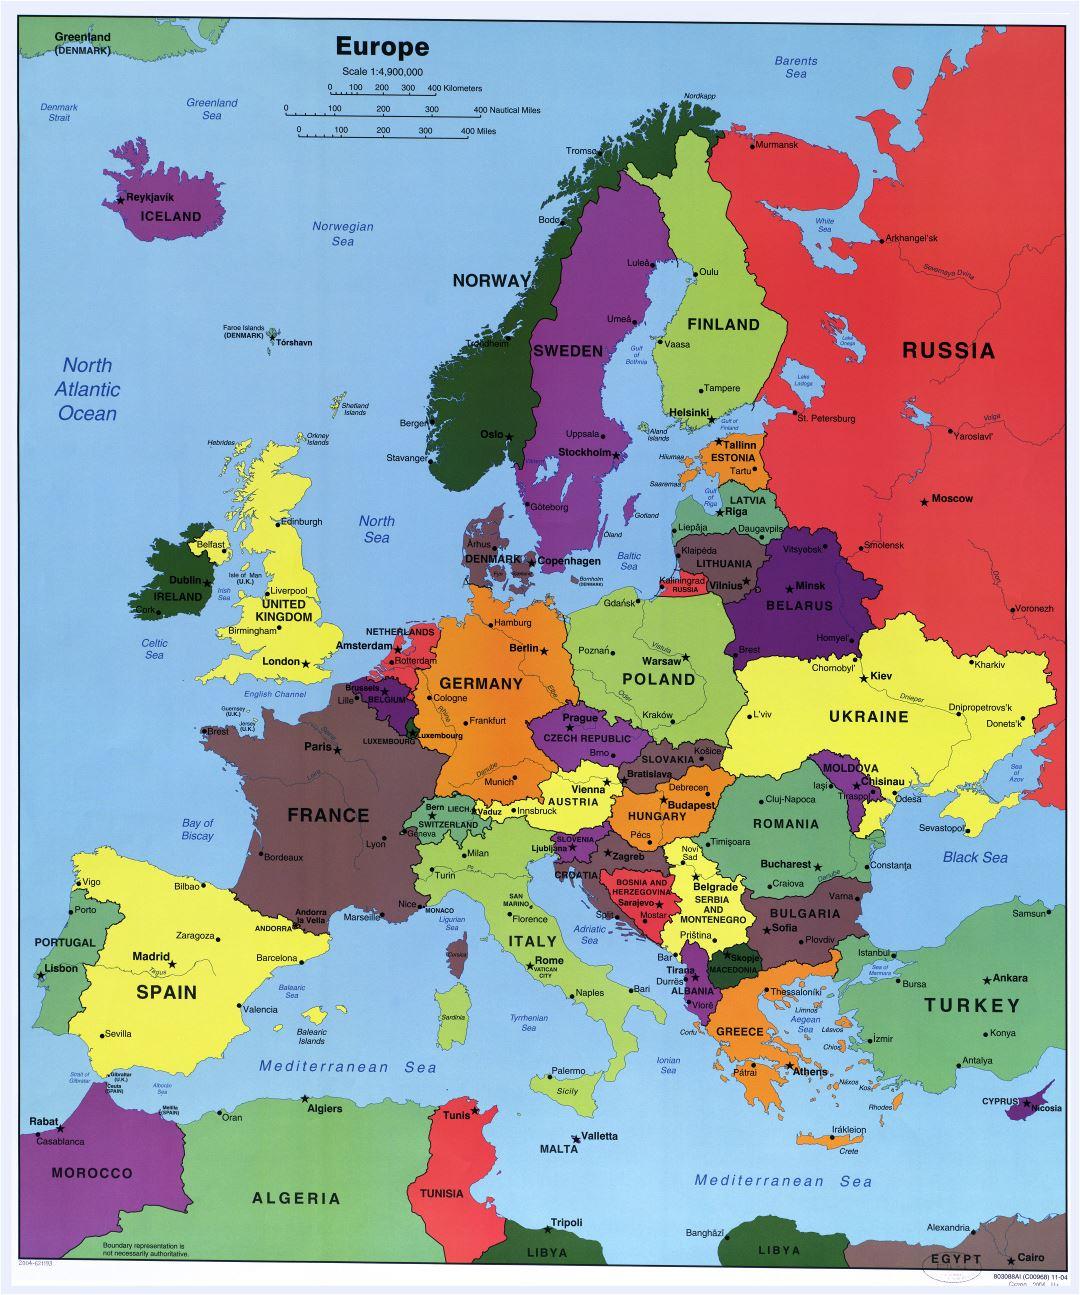 Politico Mapa Europa Con Capitales.Gran Escala Del Mapa Politico Detallado De Europa Con Las